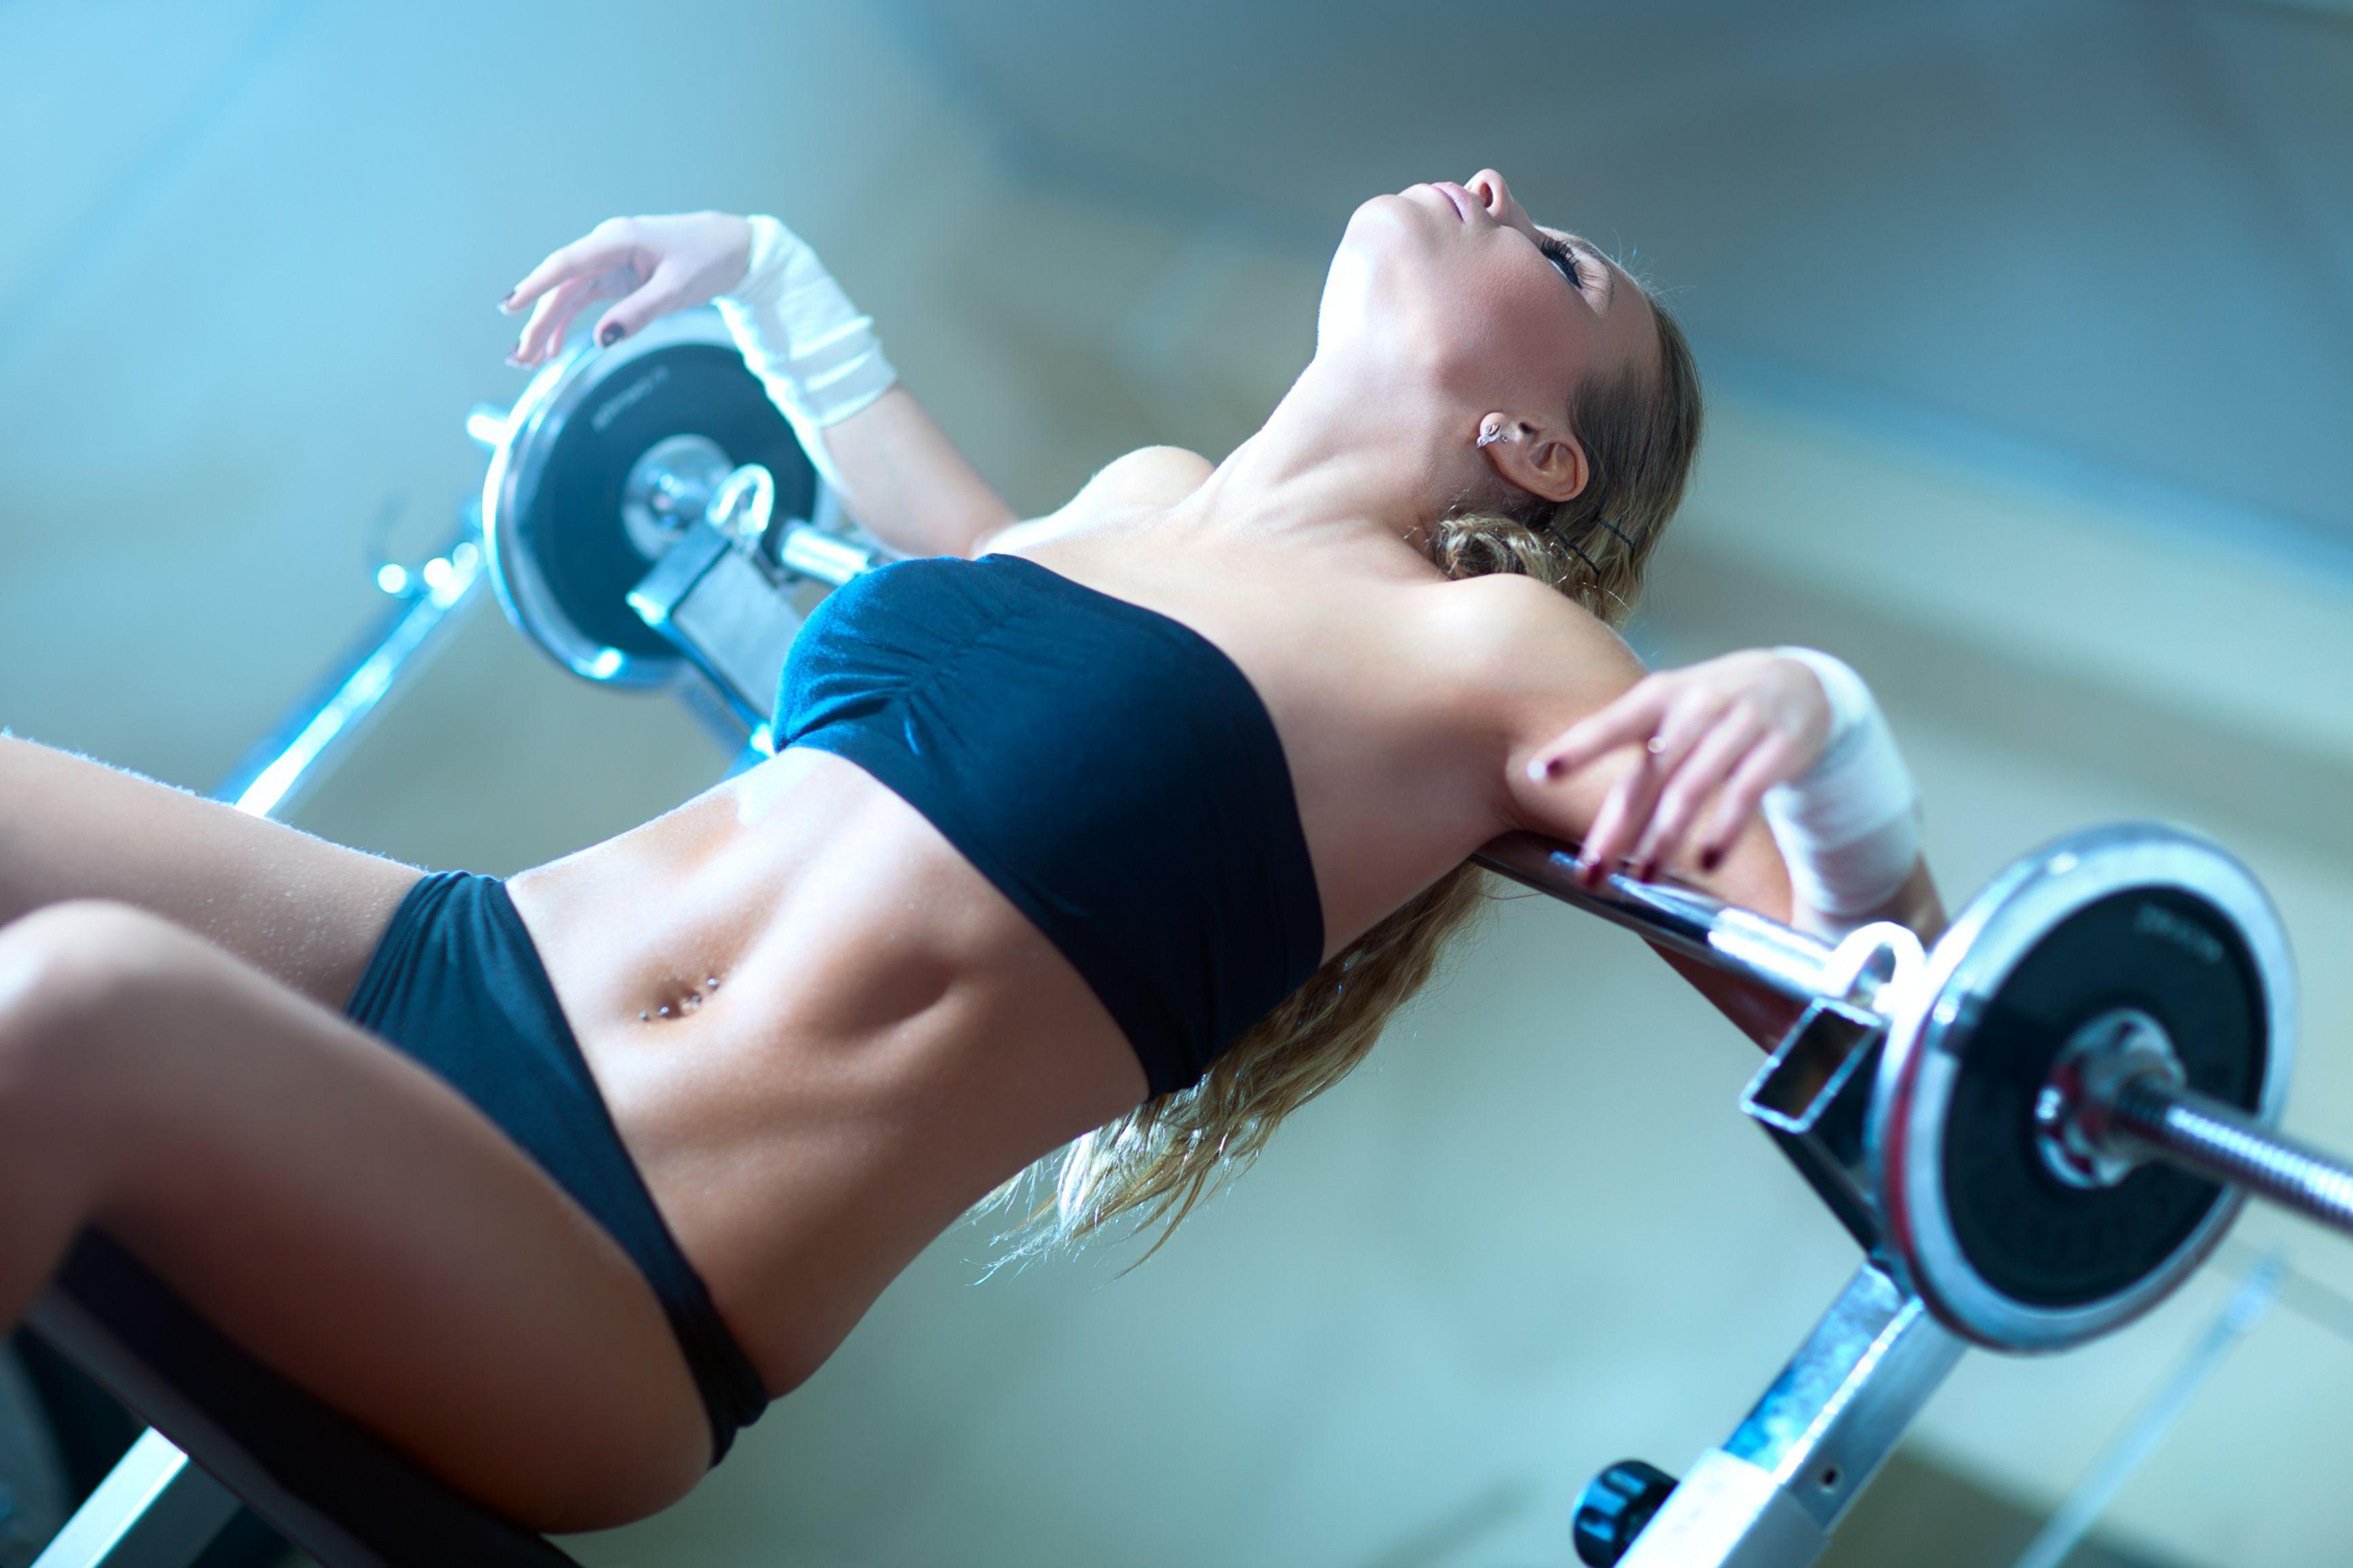 тренировка для жиросжигания в зале для женщин